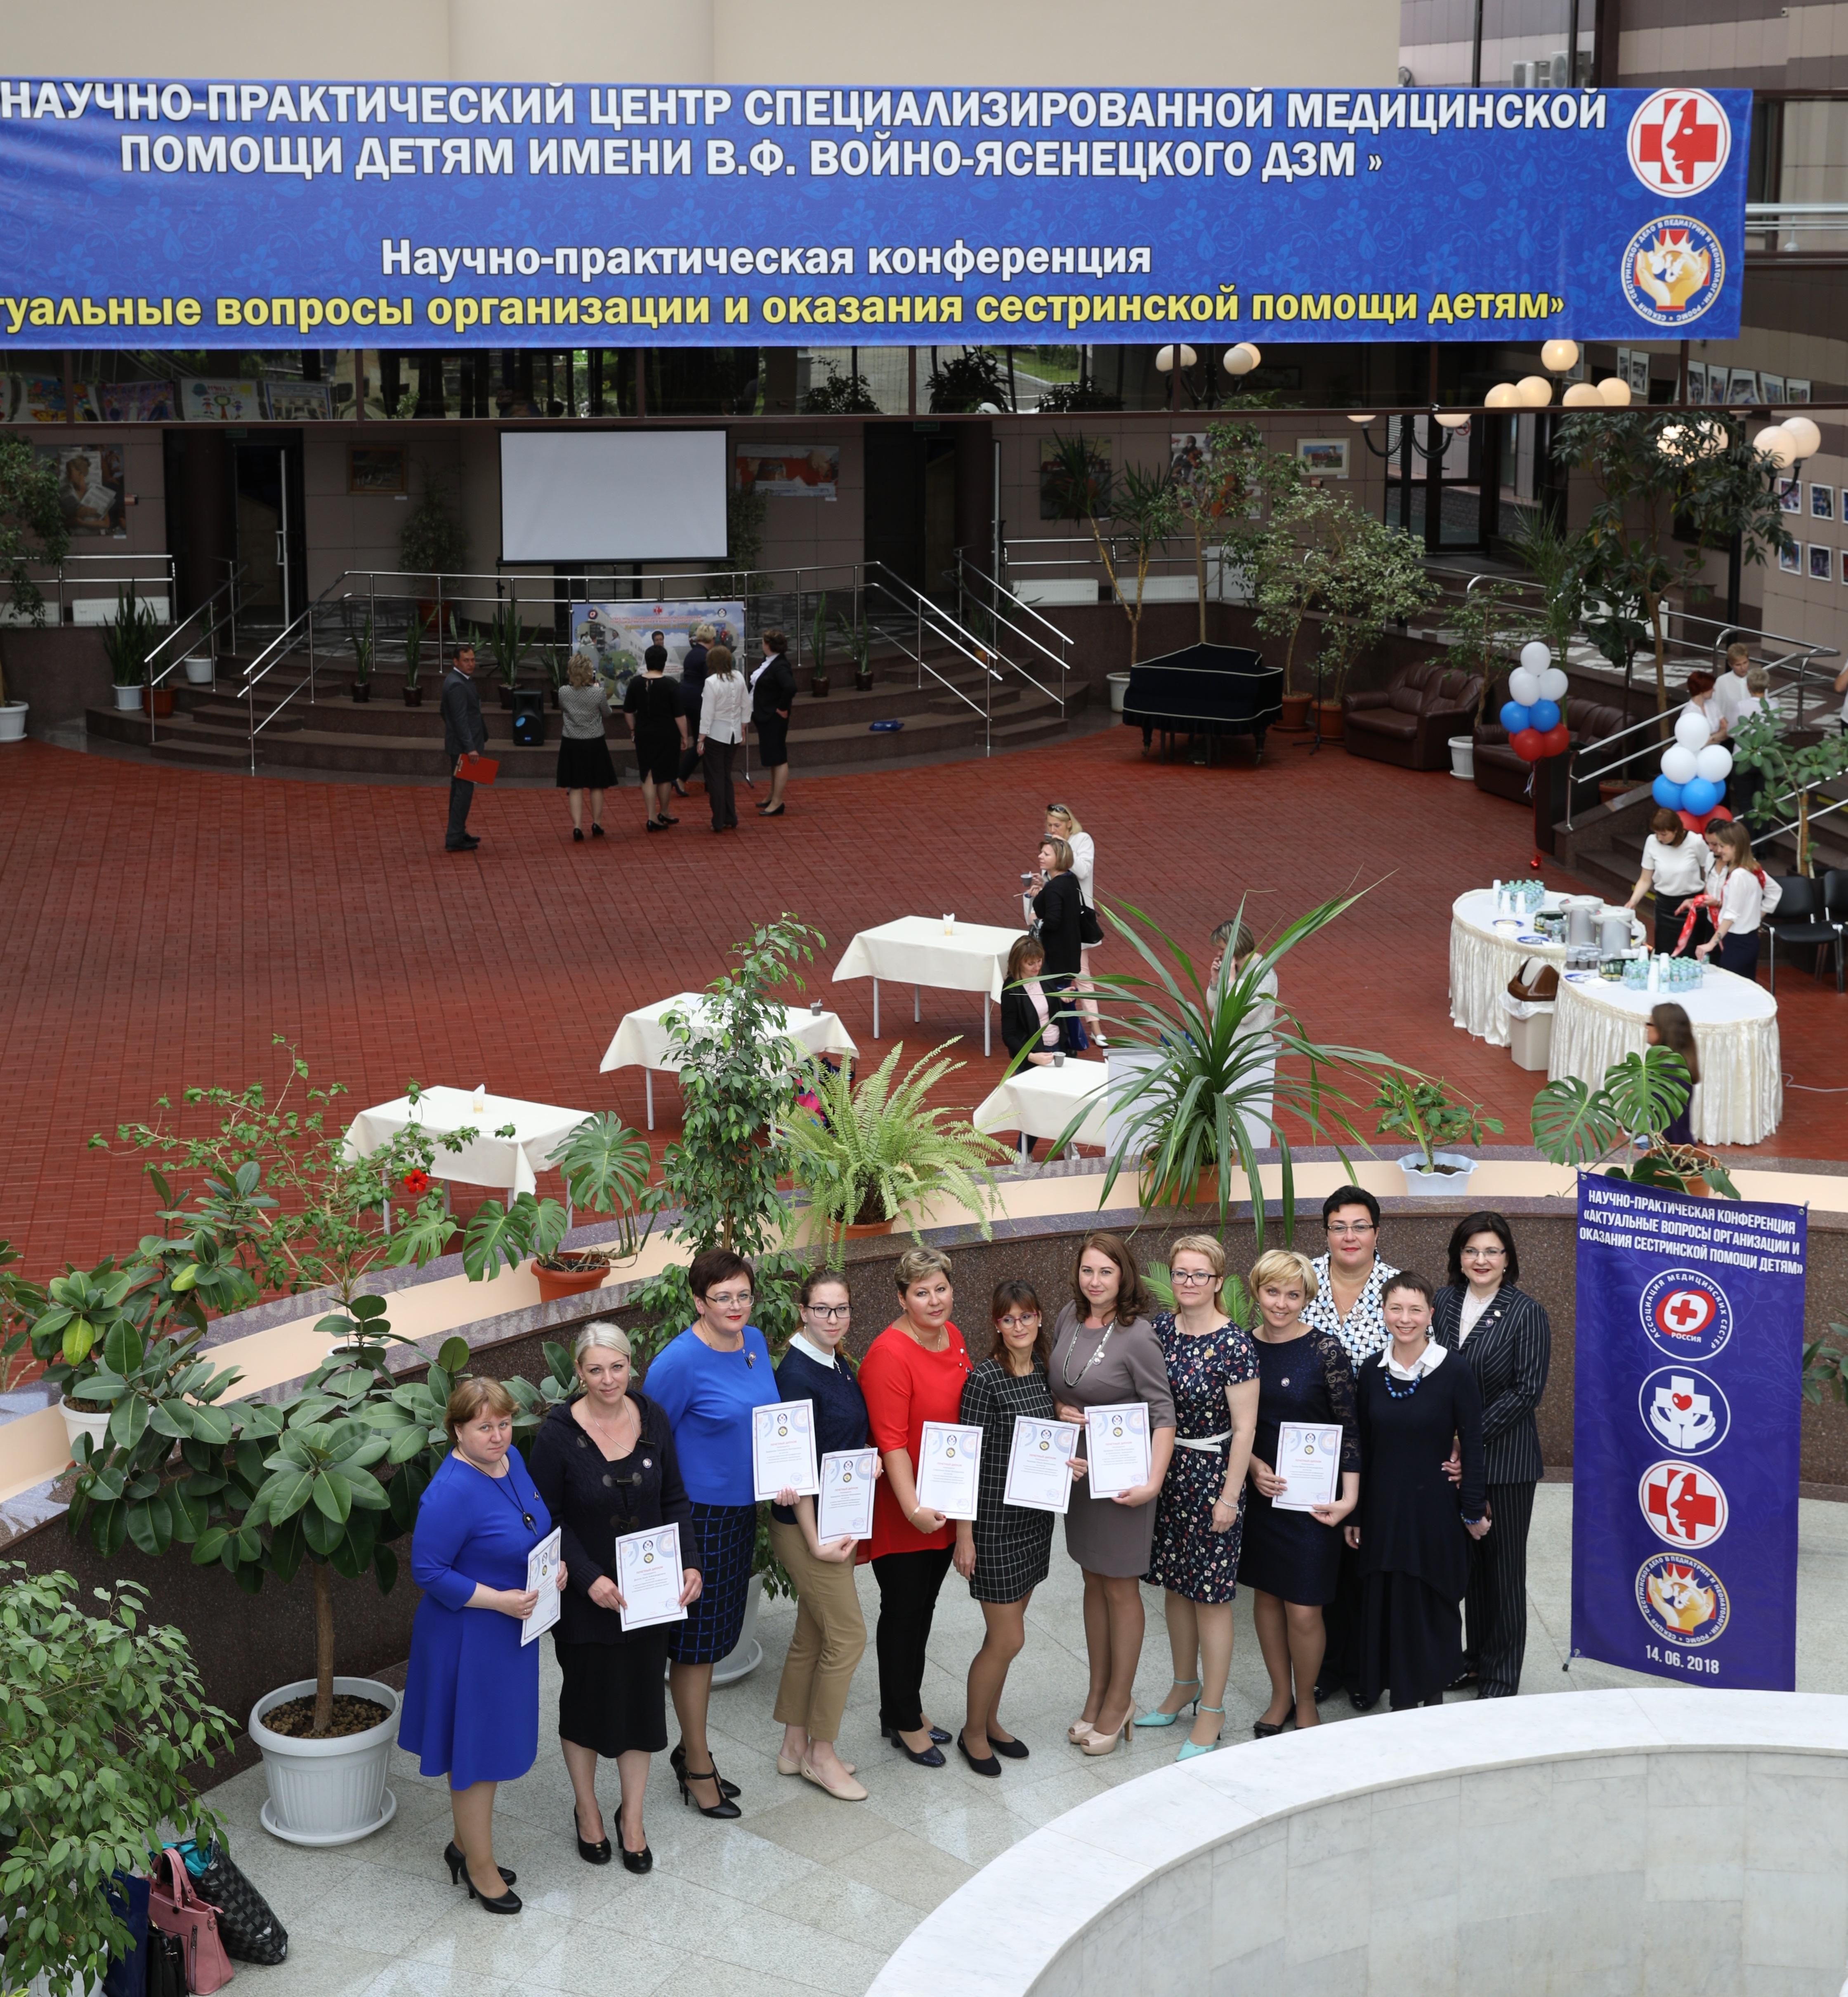 В НПЦ прошла научно-практическая конференция